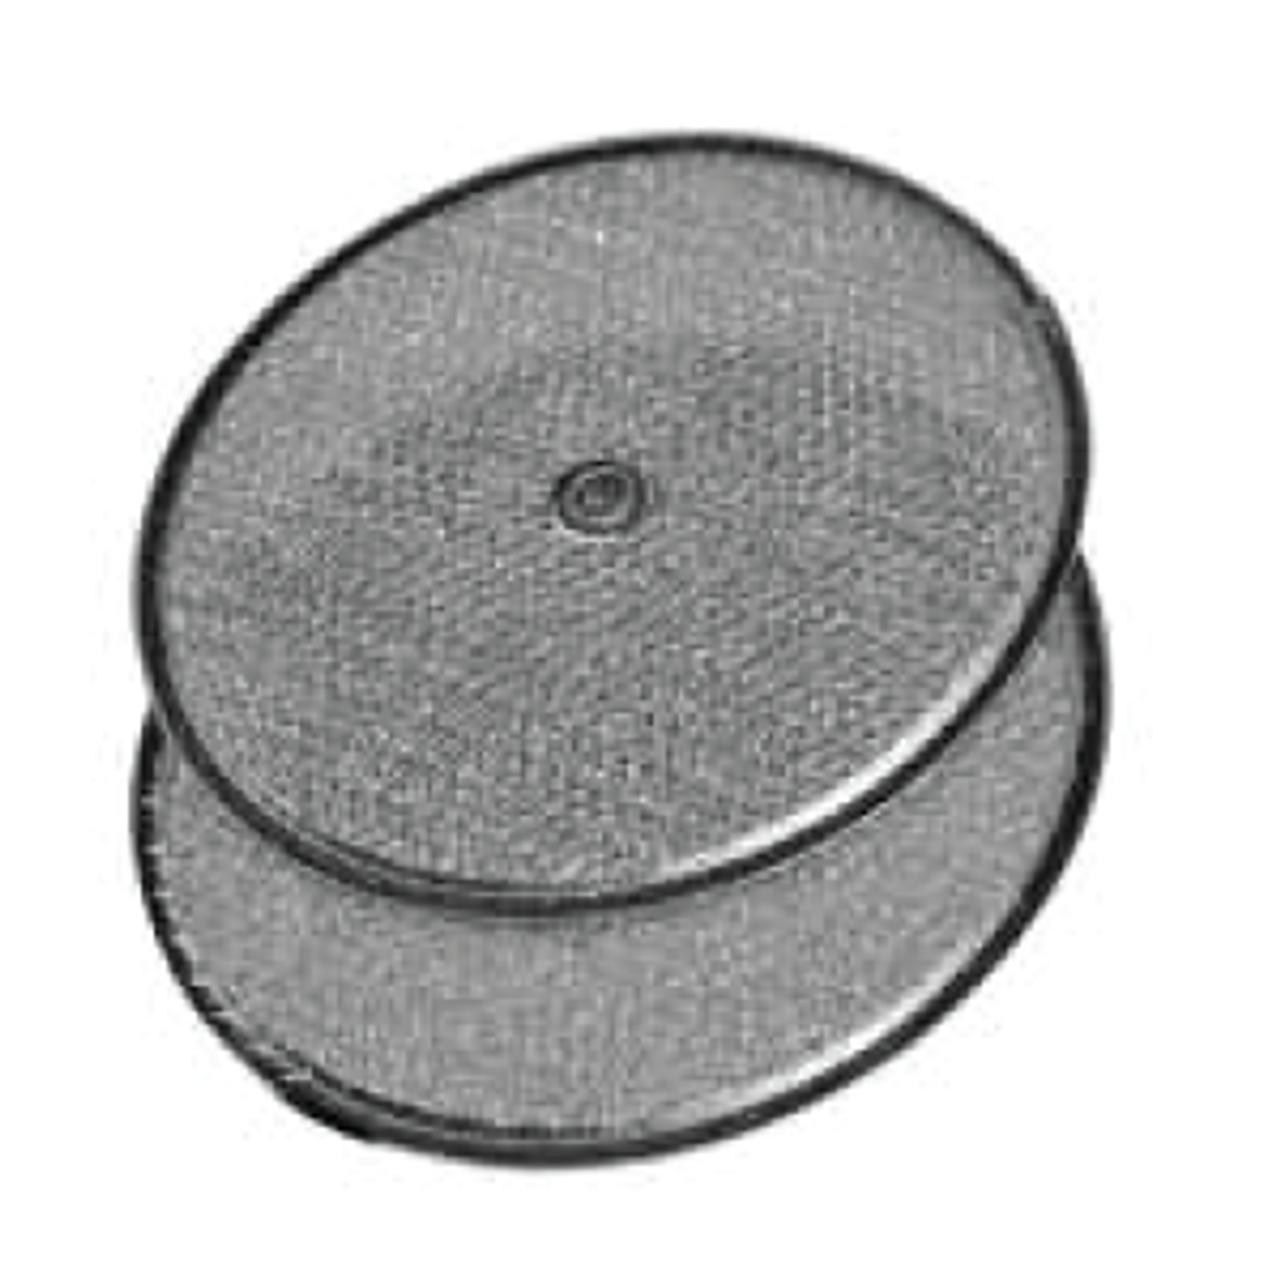 American Metal Filters RRF1002 - 10-1/2 RD X 3/32, W/Grommet